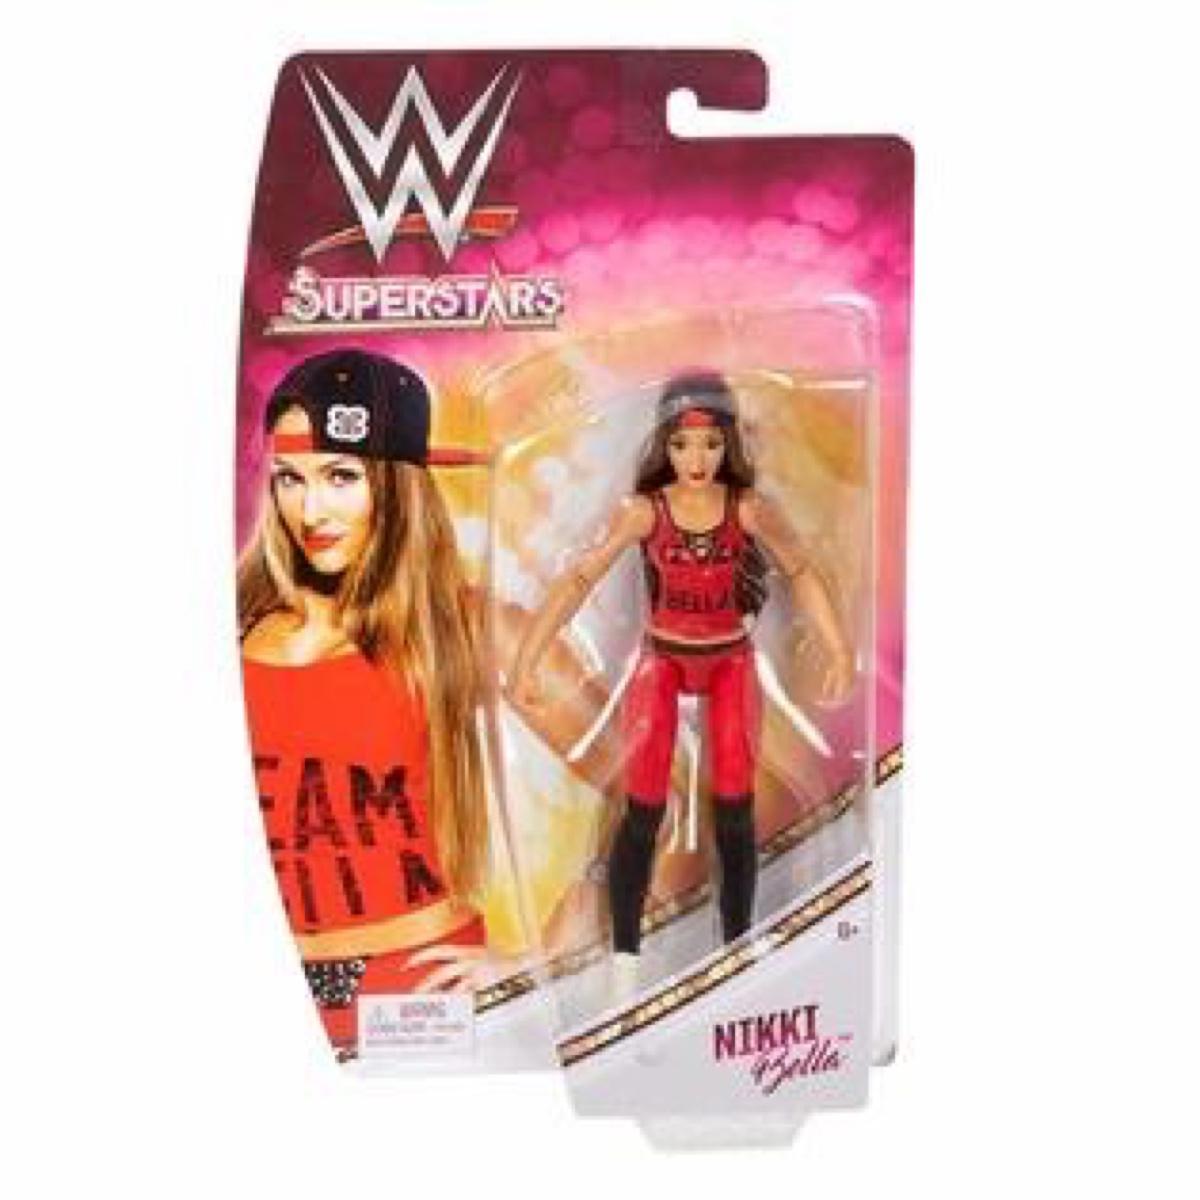 WWE Superstars Nikki Bella